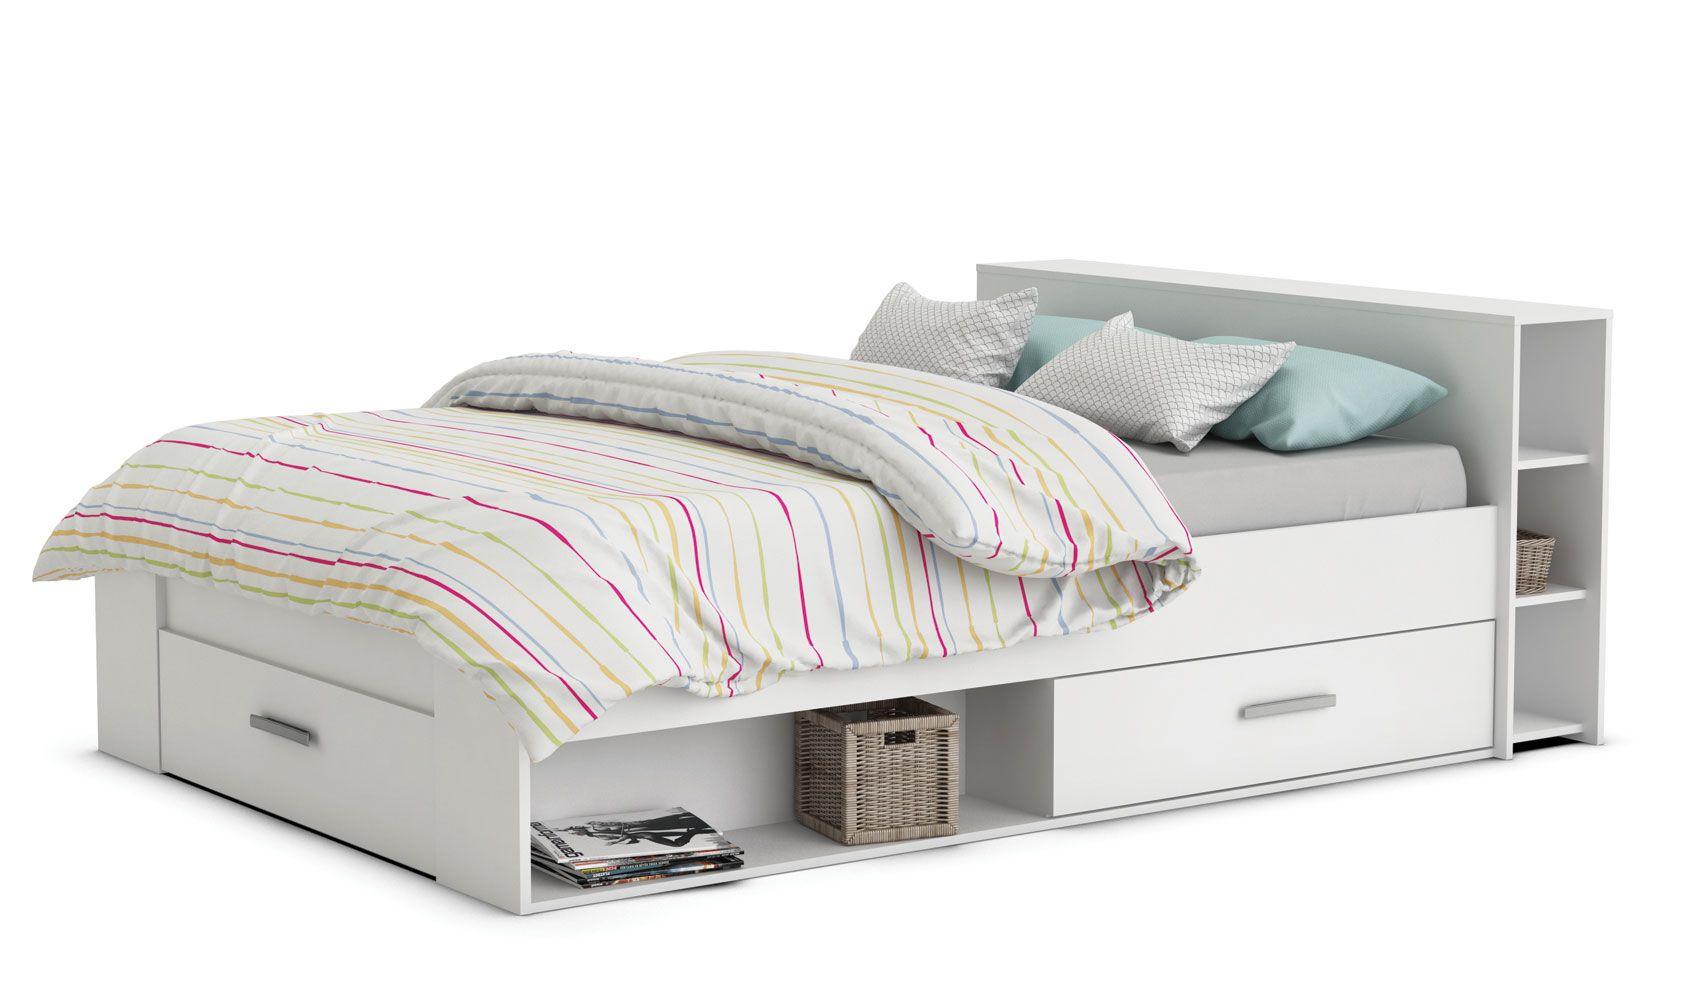 Full Size of Ikea Bett 120x200 Angenehm Stauraum Galerien Weiß 100x200 Mit Bettkasten Schubladen 90x200 Flach Betten überlänge Ottoversand Such Frau Fürs Schlafzimmer Wohnzimmer Ikea Bett 120x200